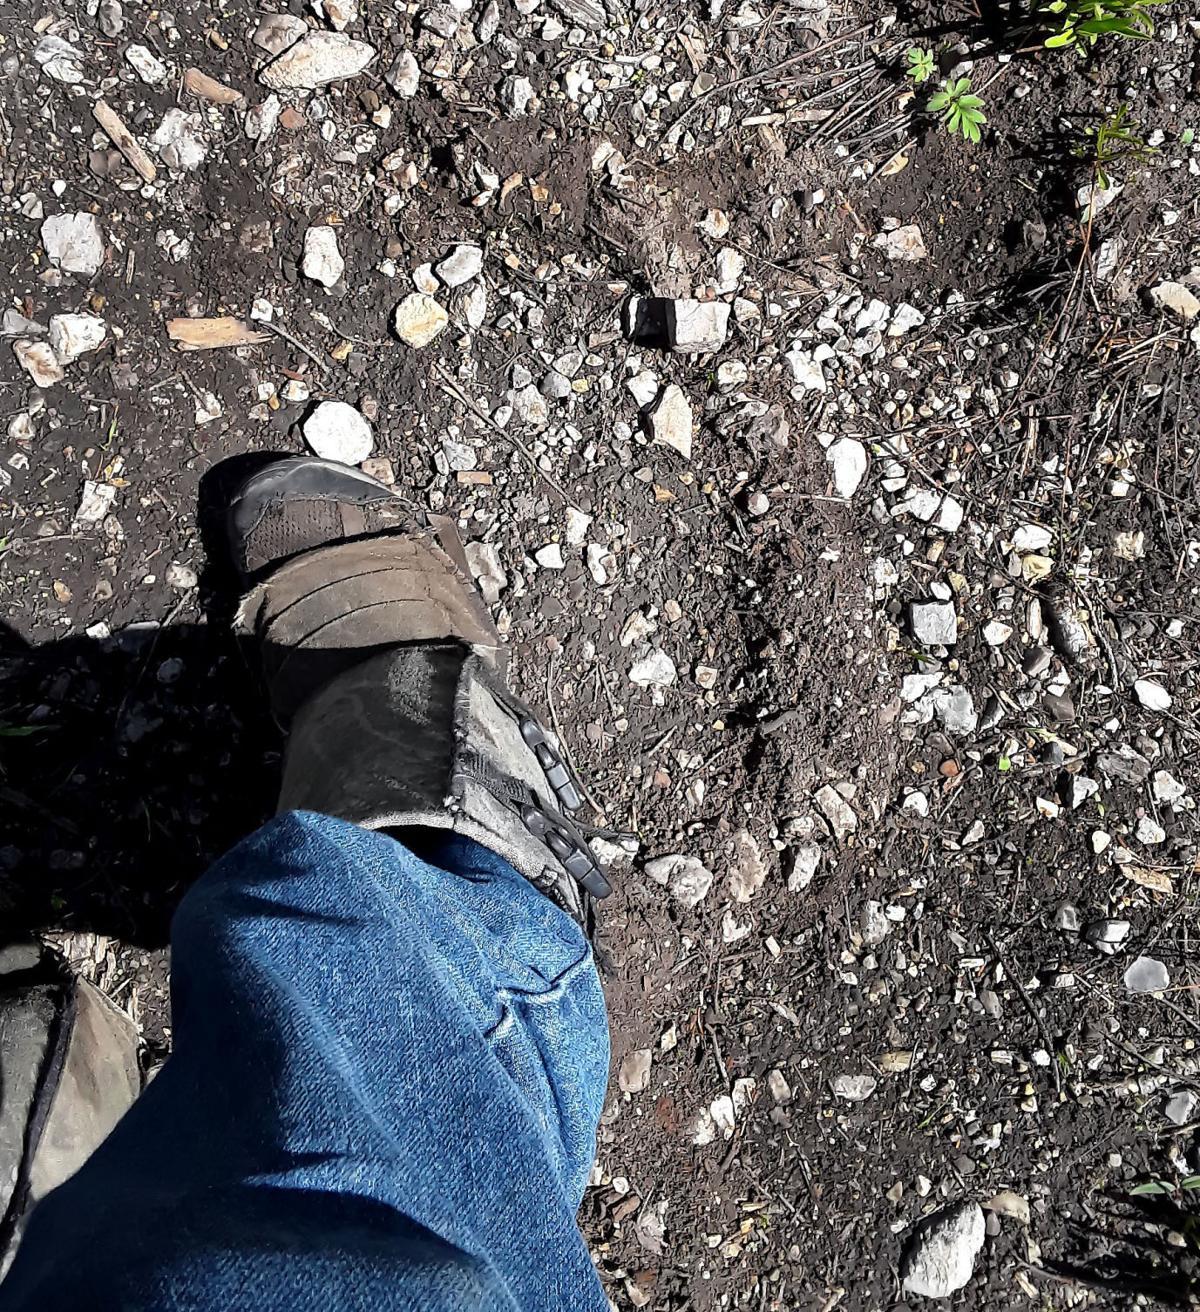 bigfoot 08.jpg - MAIN